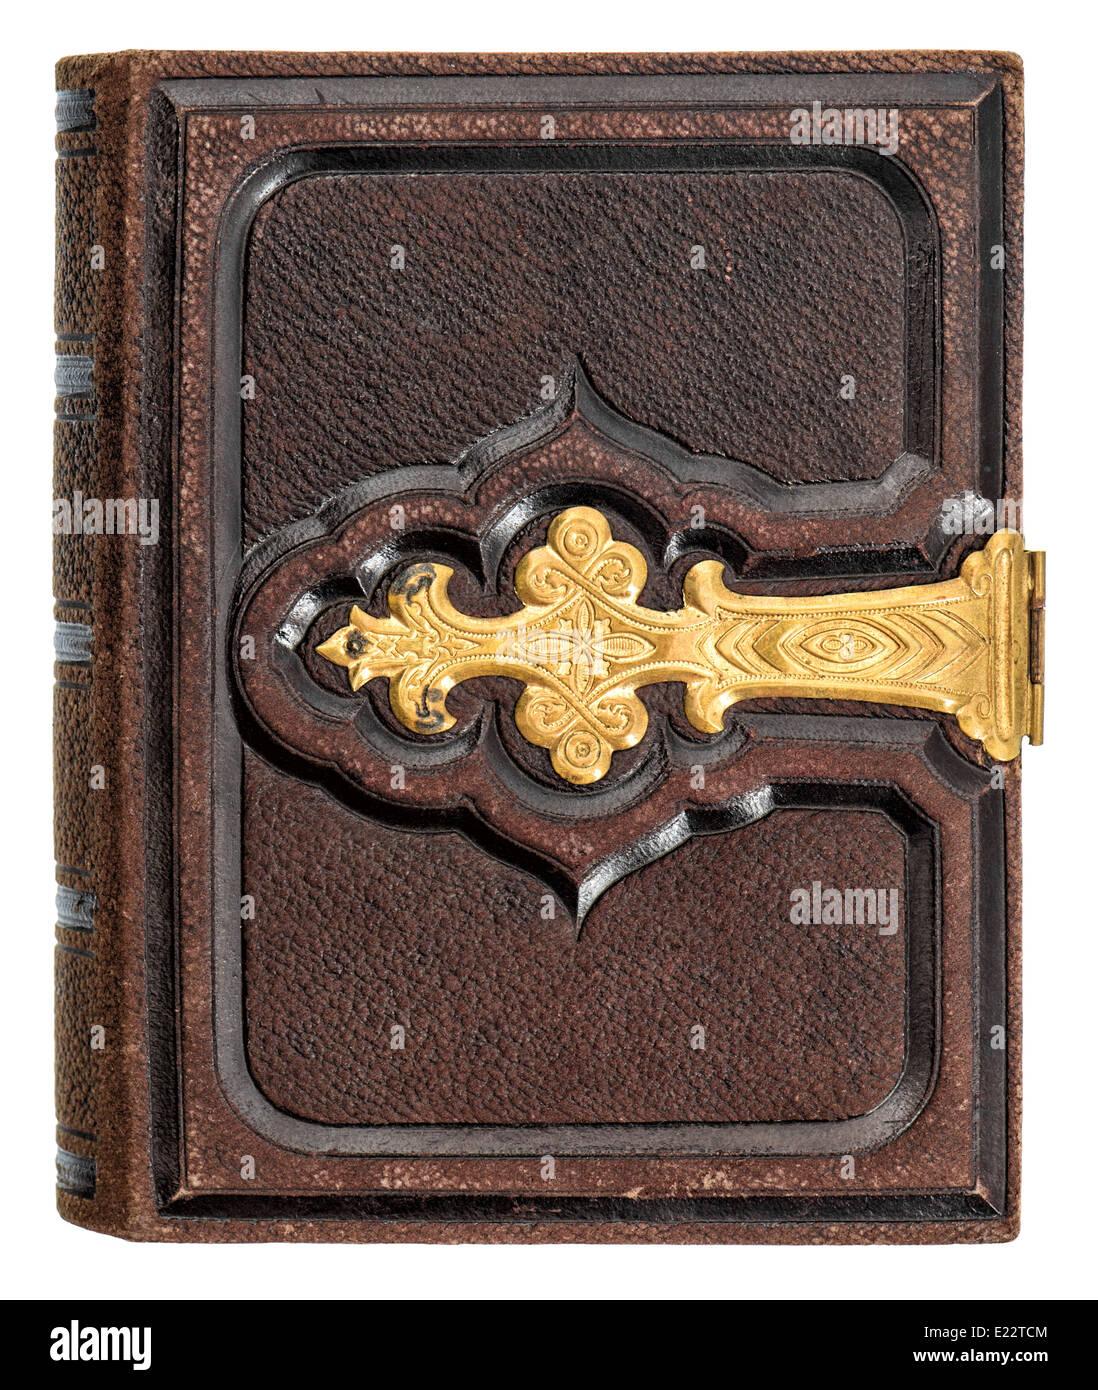 Livre Ancien Avec Couverture En Cuir Et Decoration Or Isole